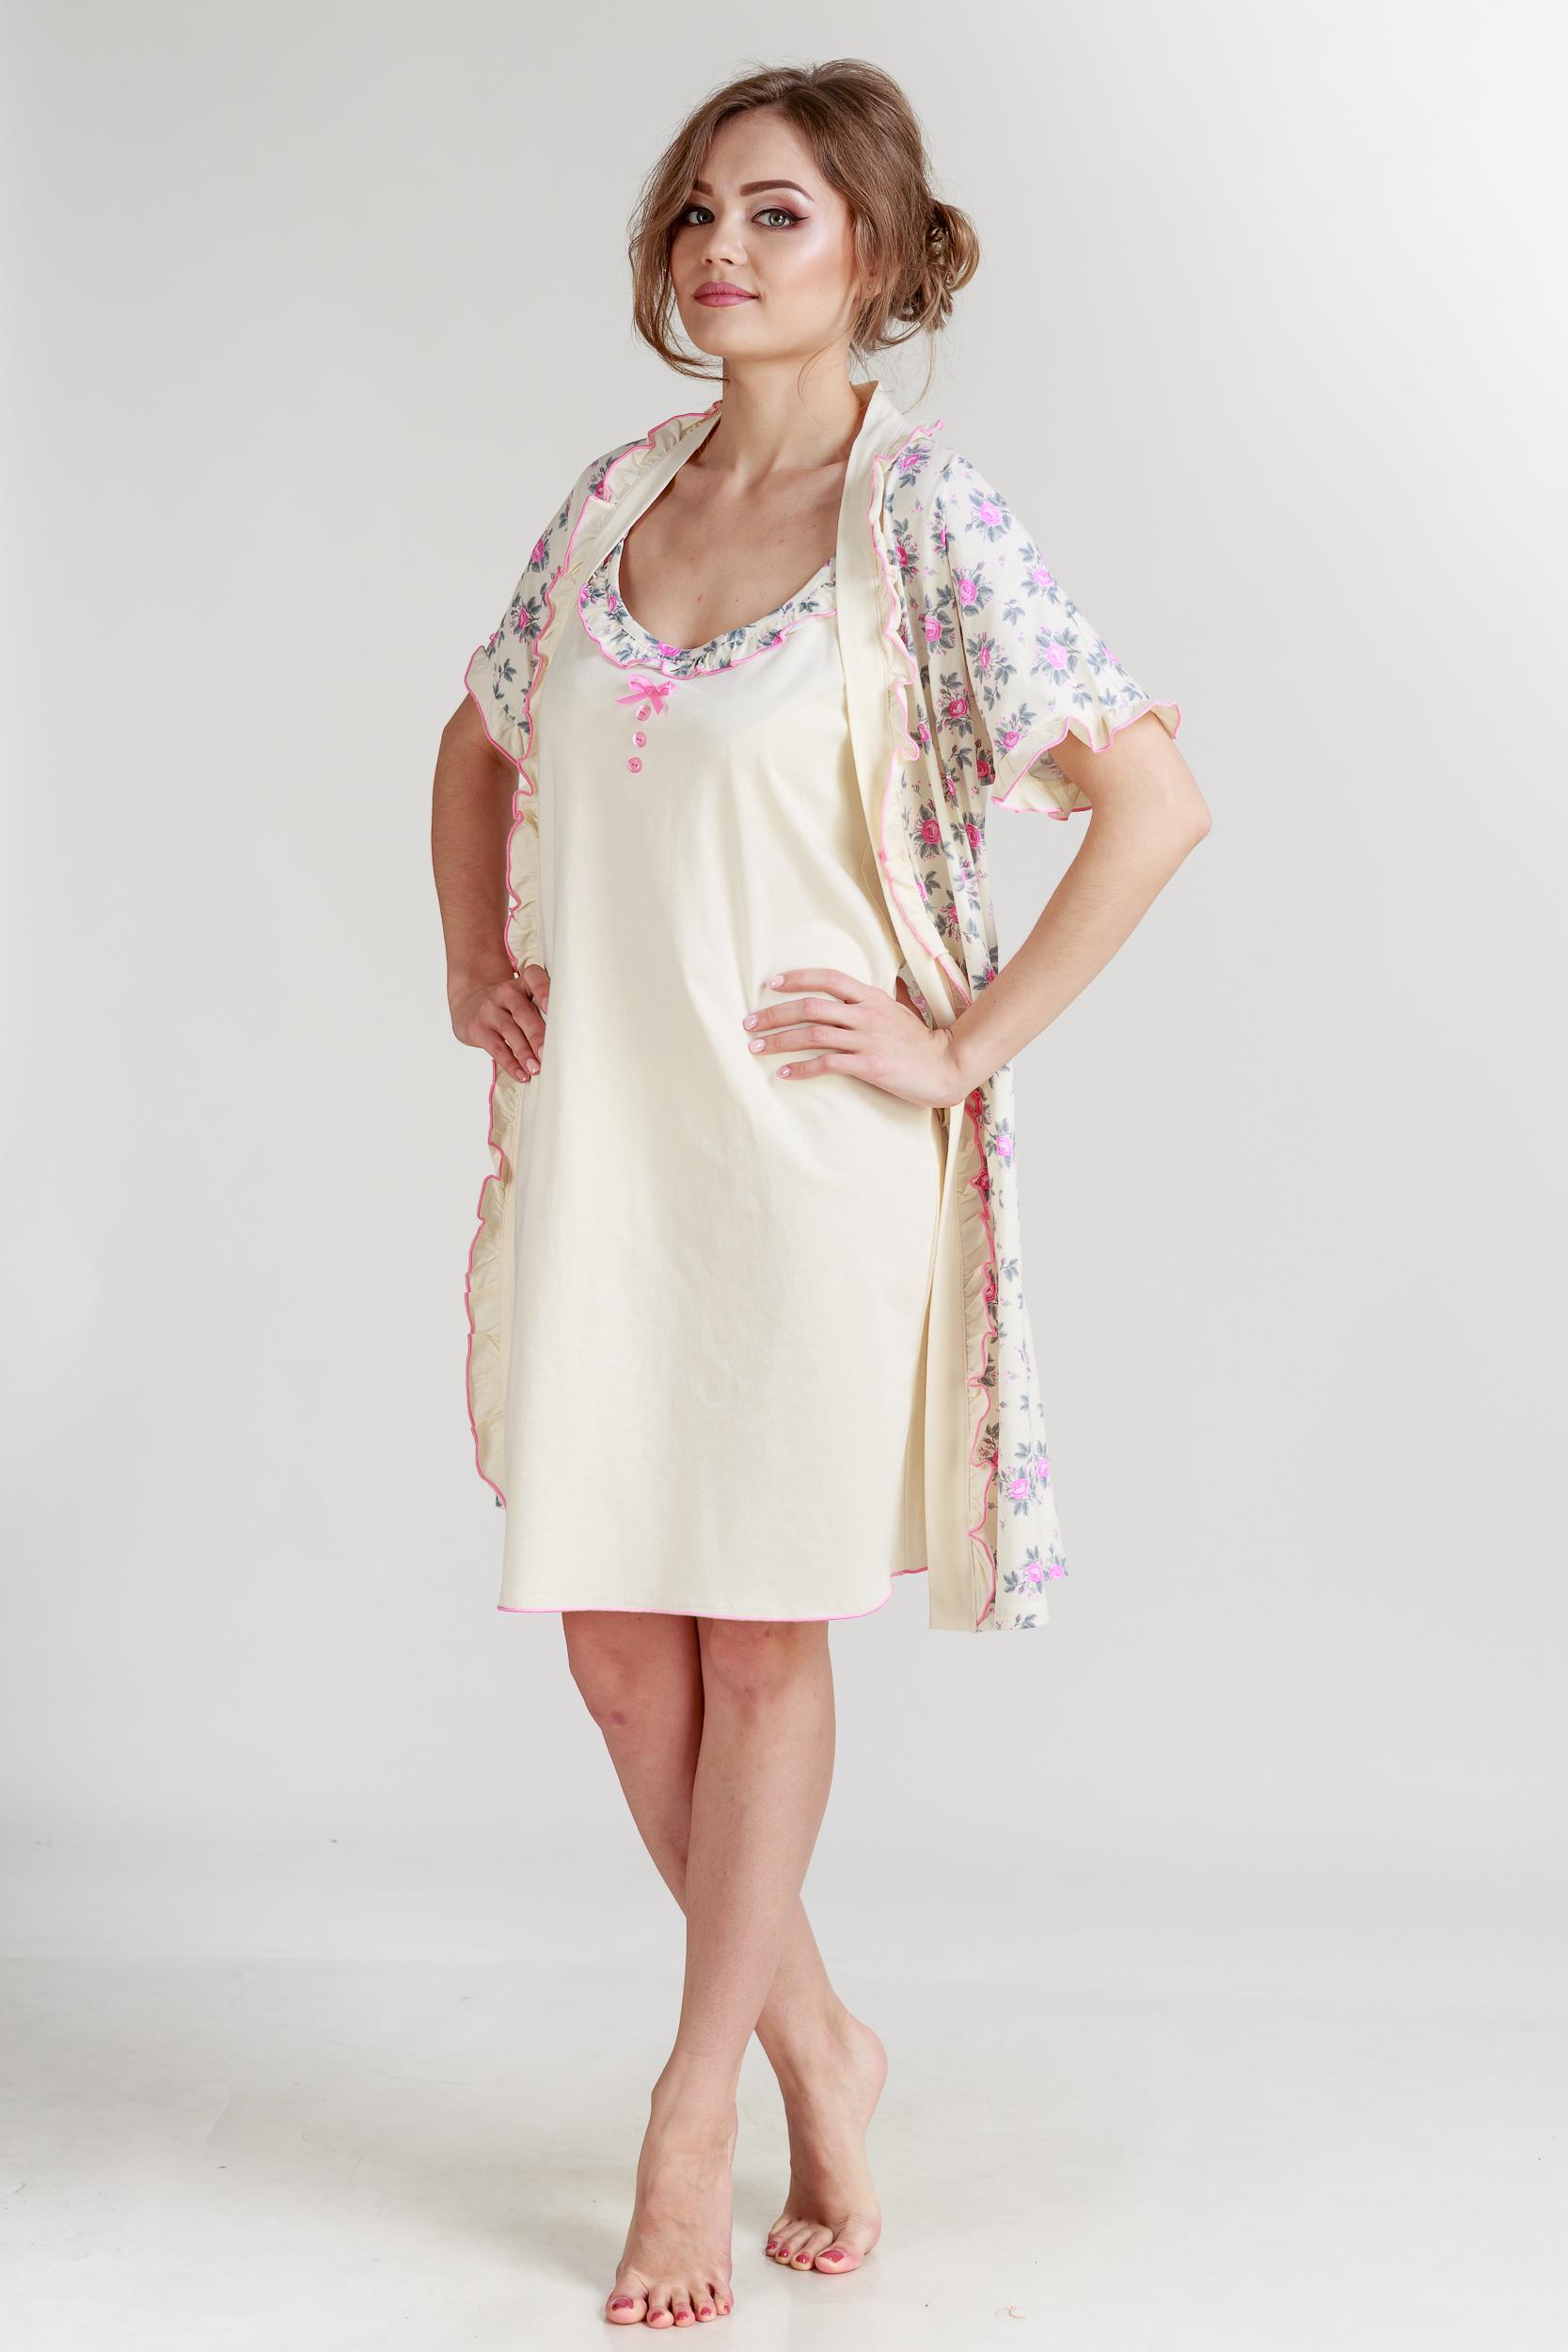 Домашние халаты Pastilla Халат и сорочка Ваниль Цвет: Розовый Экрю (xL) alena alenkina комплект халат сорочка